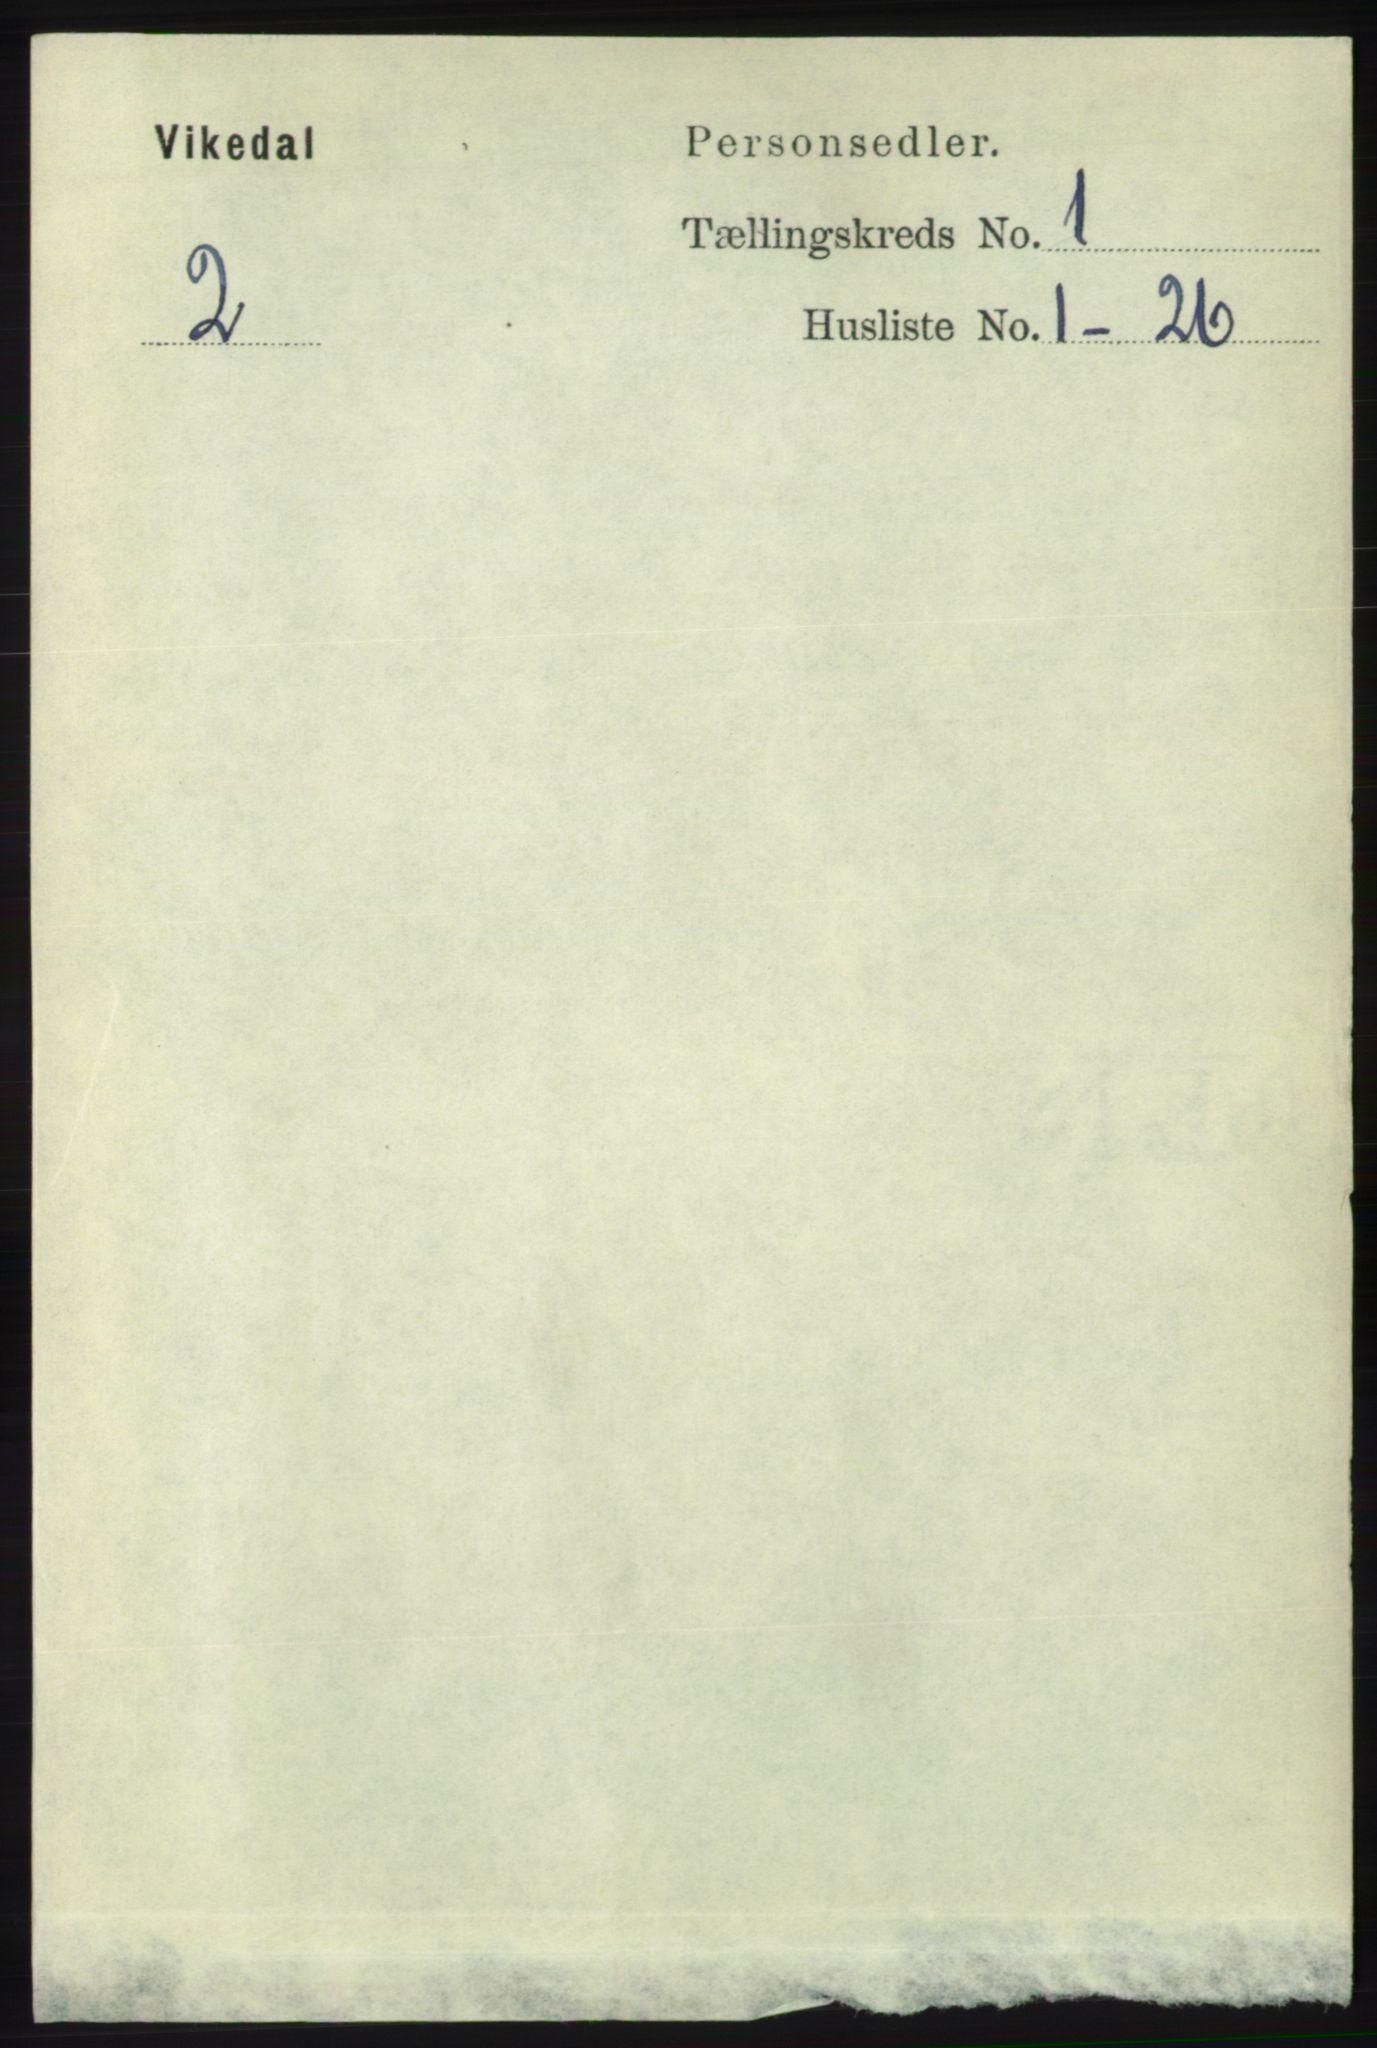 RA, Folketelling 1891 for 1157 Vikedal herred, 1891, s. 59